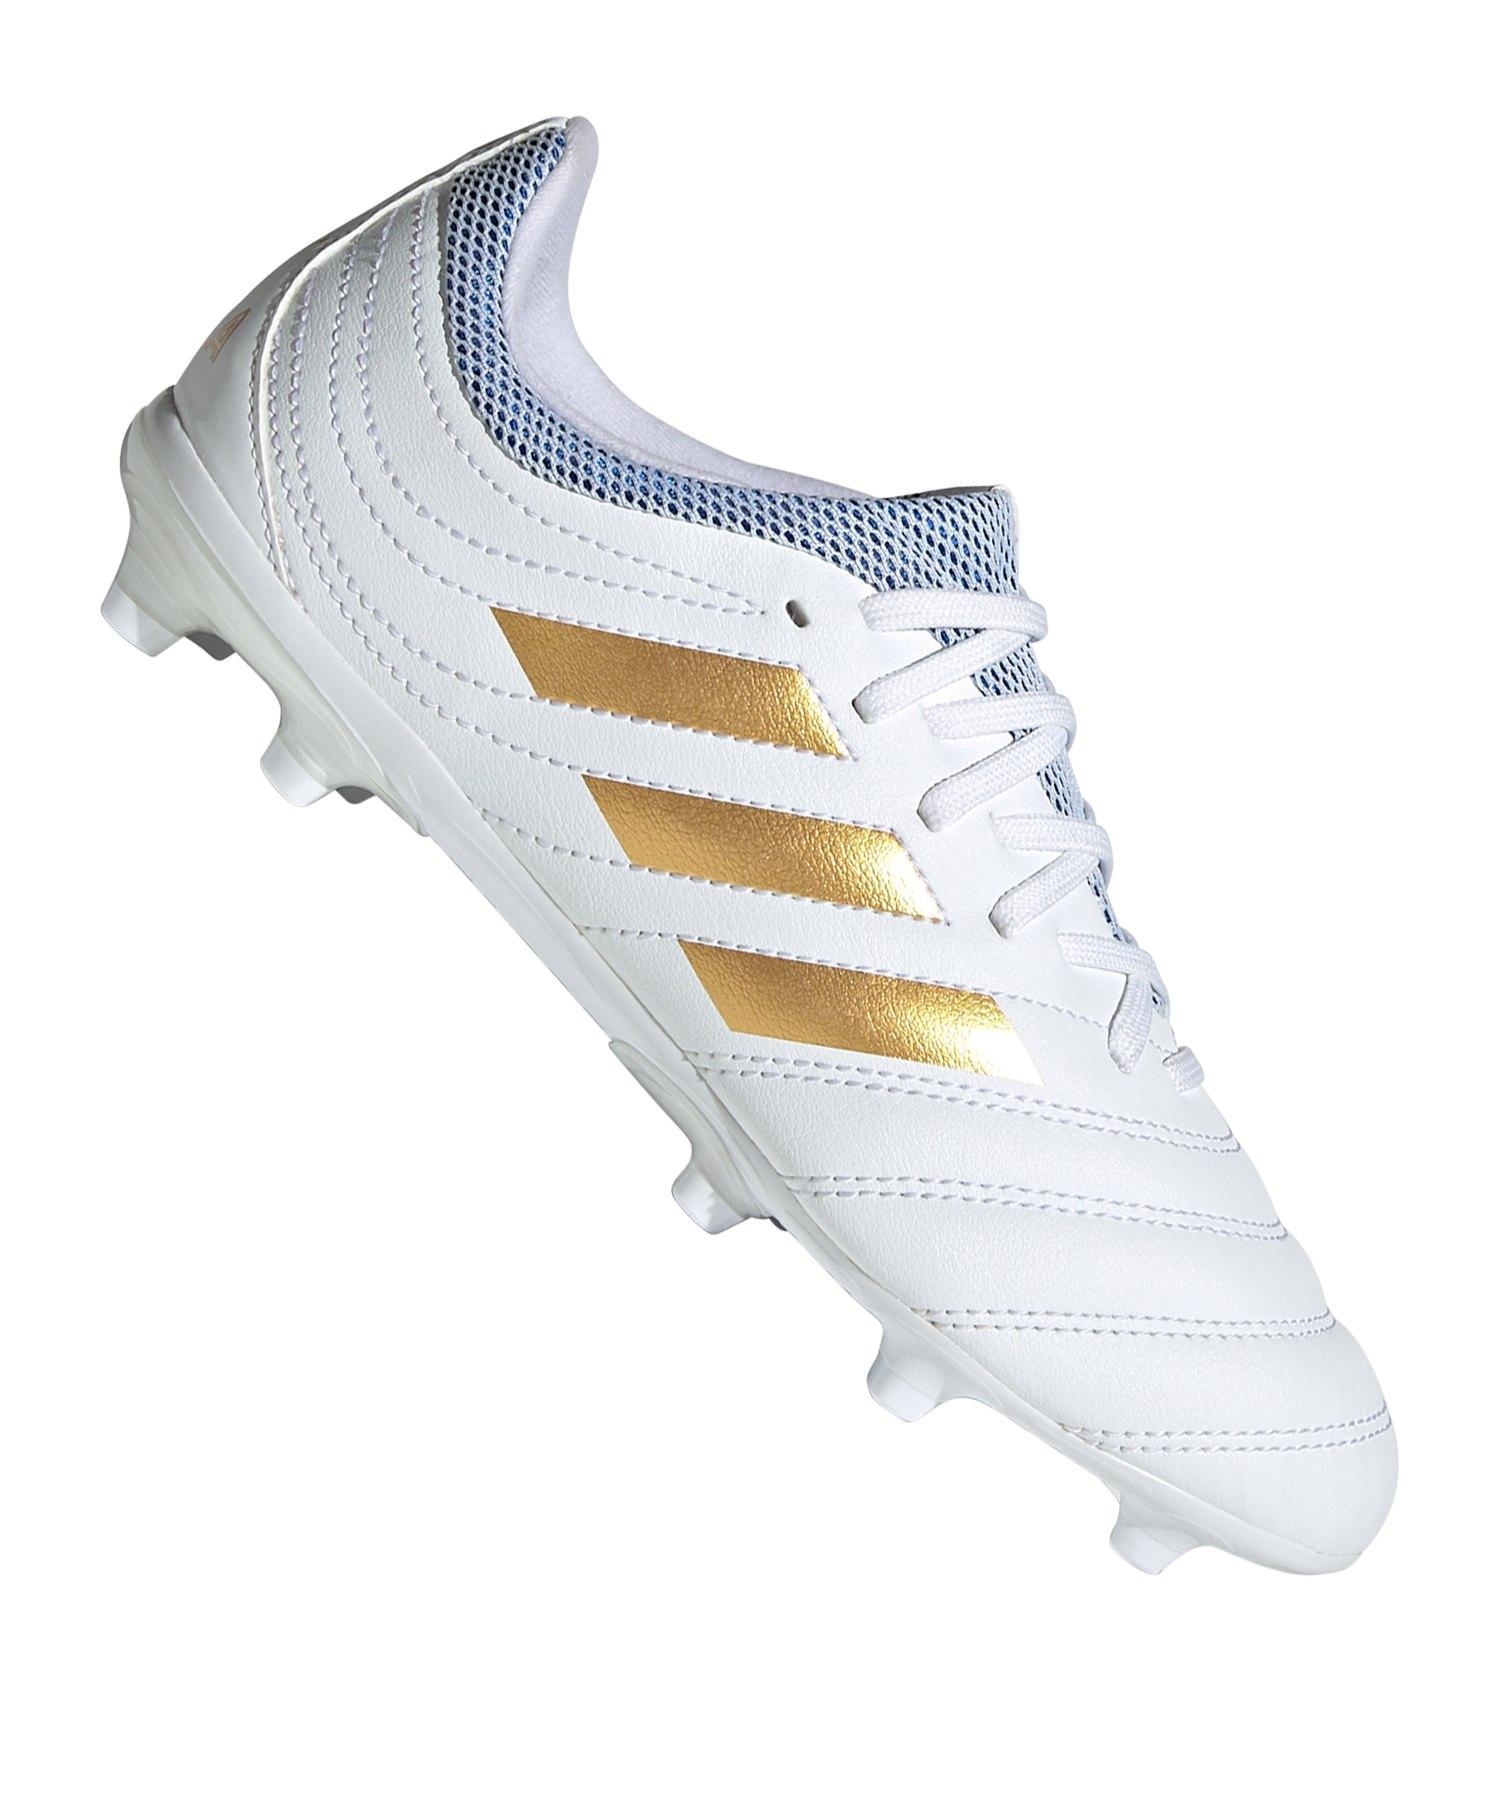 adidas COPA 19.3 FG J Kids Weiss Gold - weiss